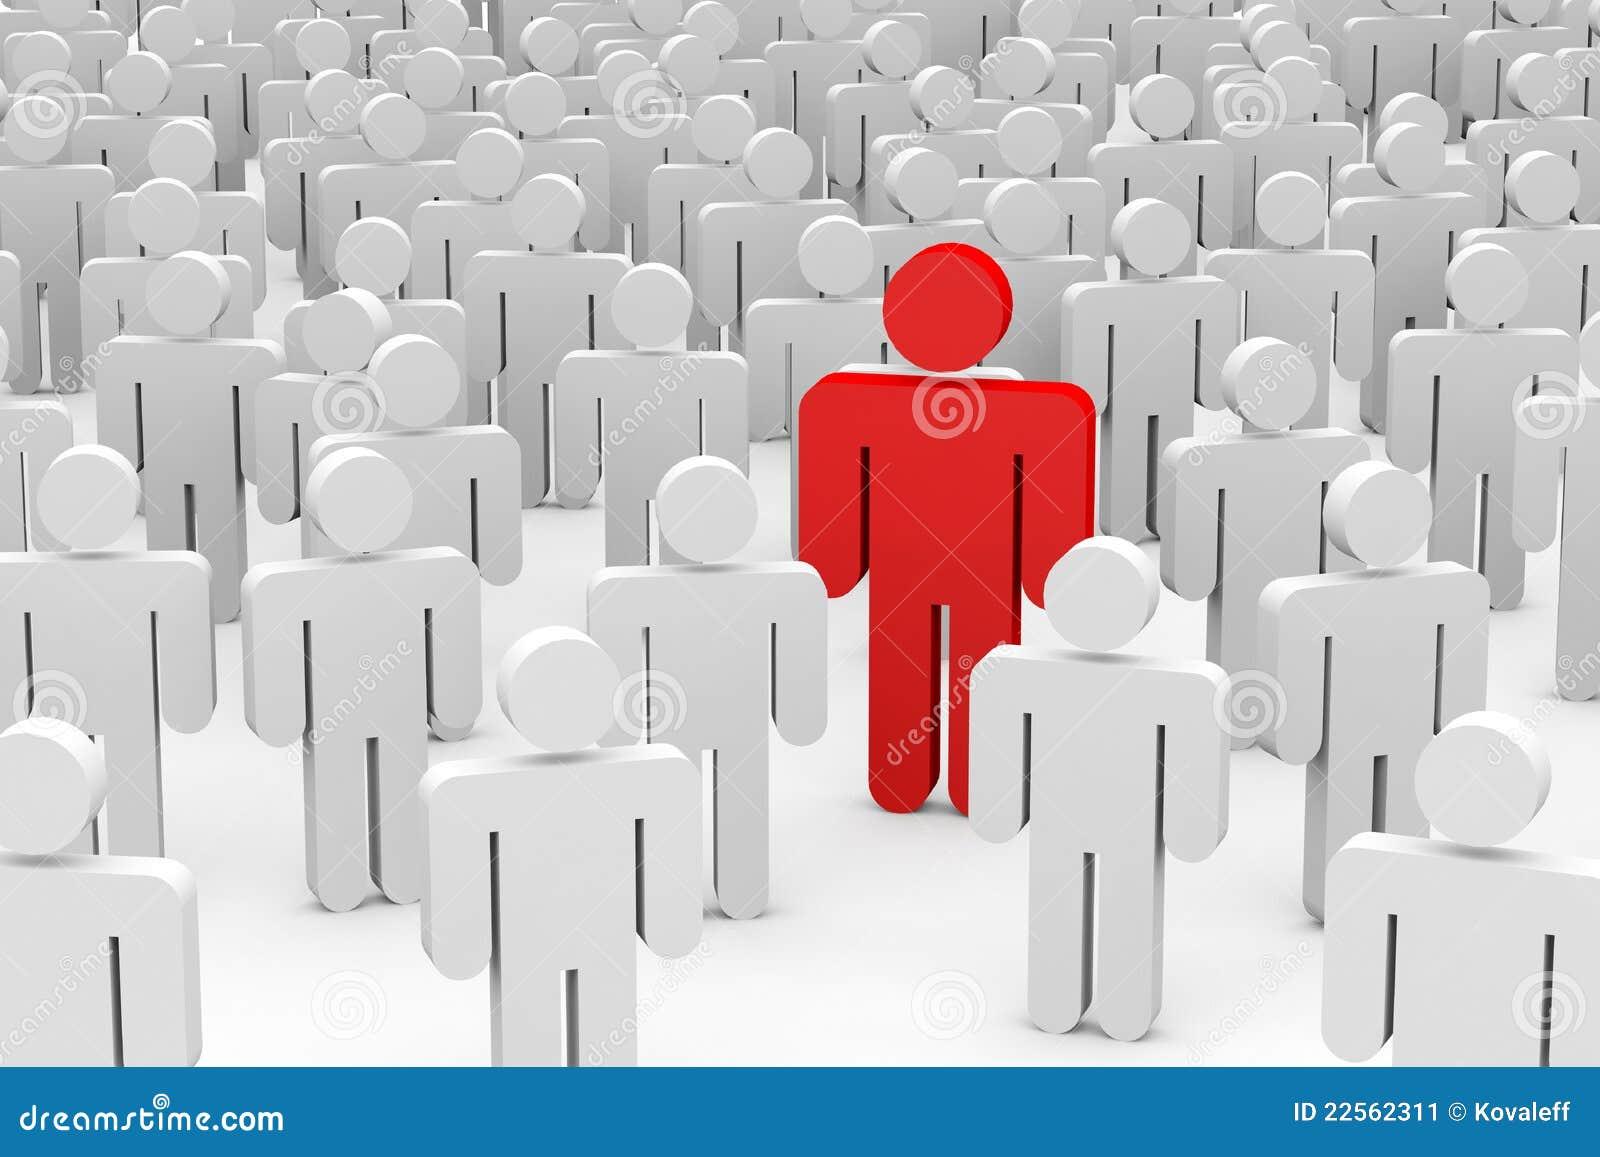 Uomini 3D in folla. Concetto di individualità.